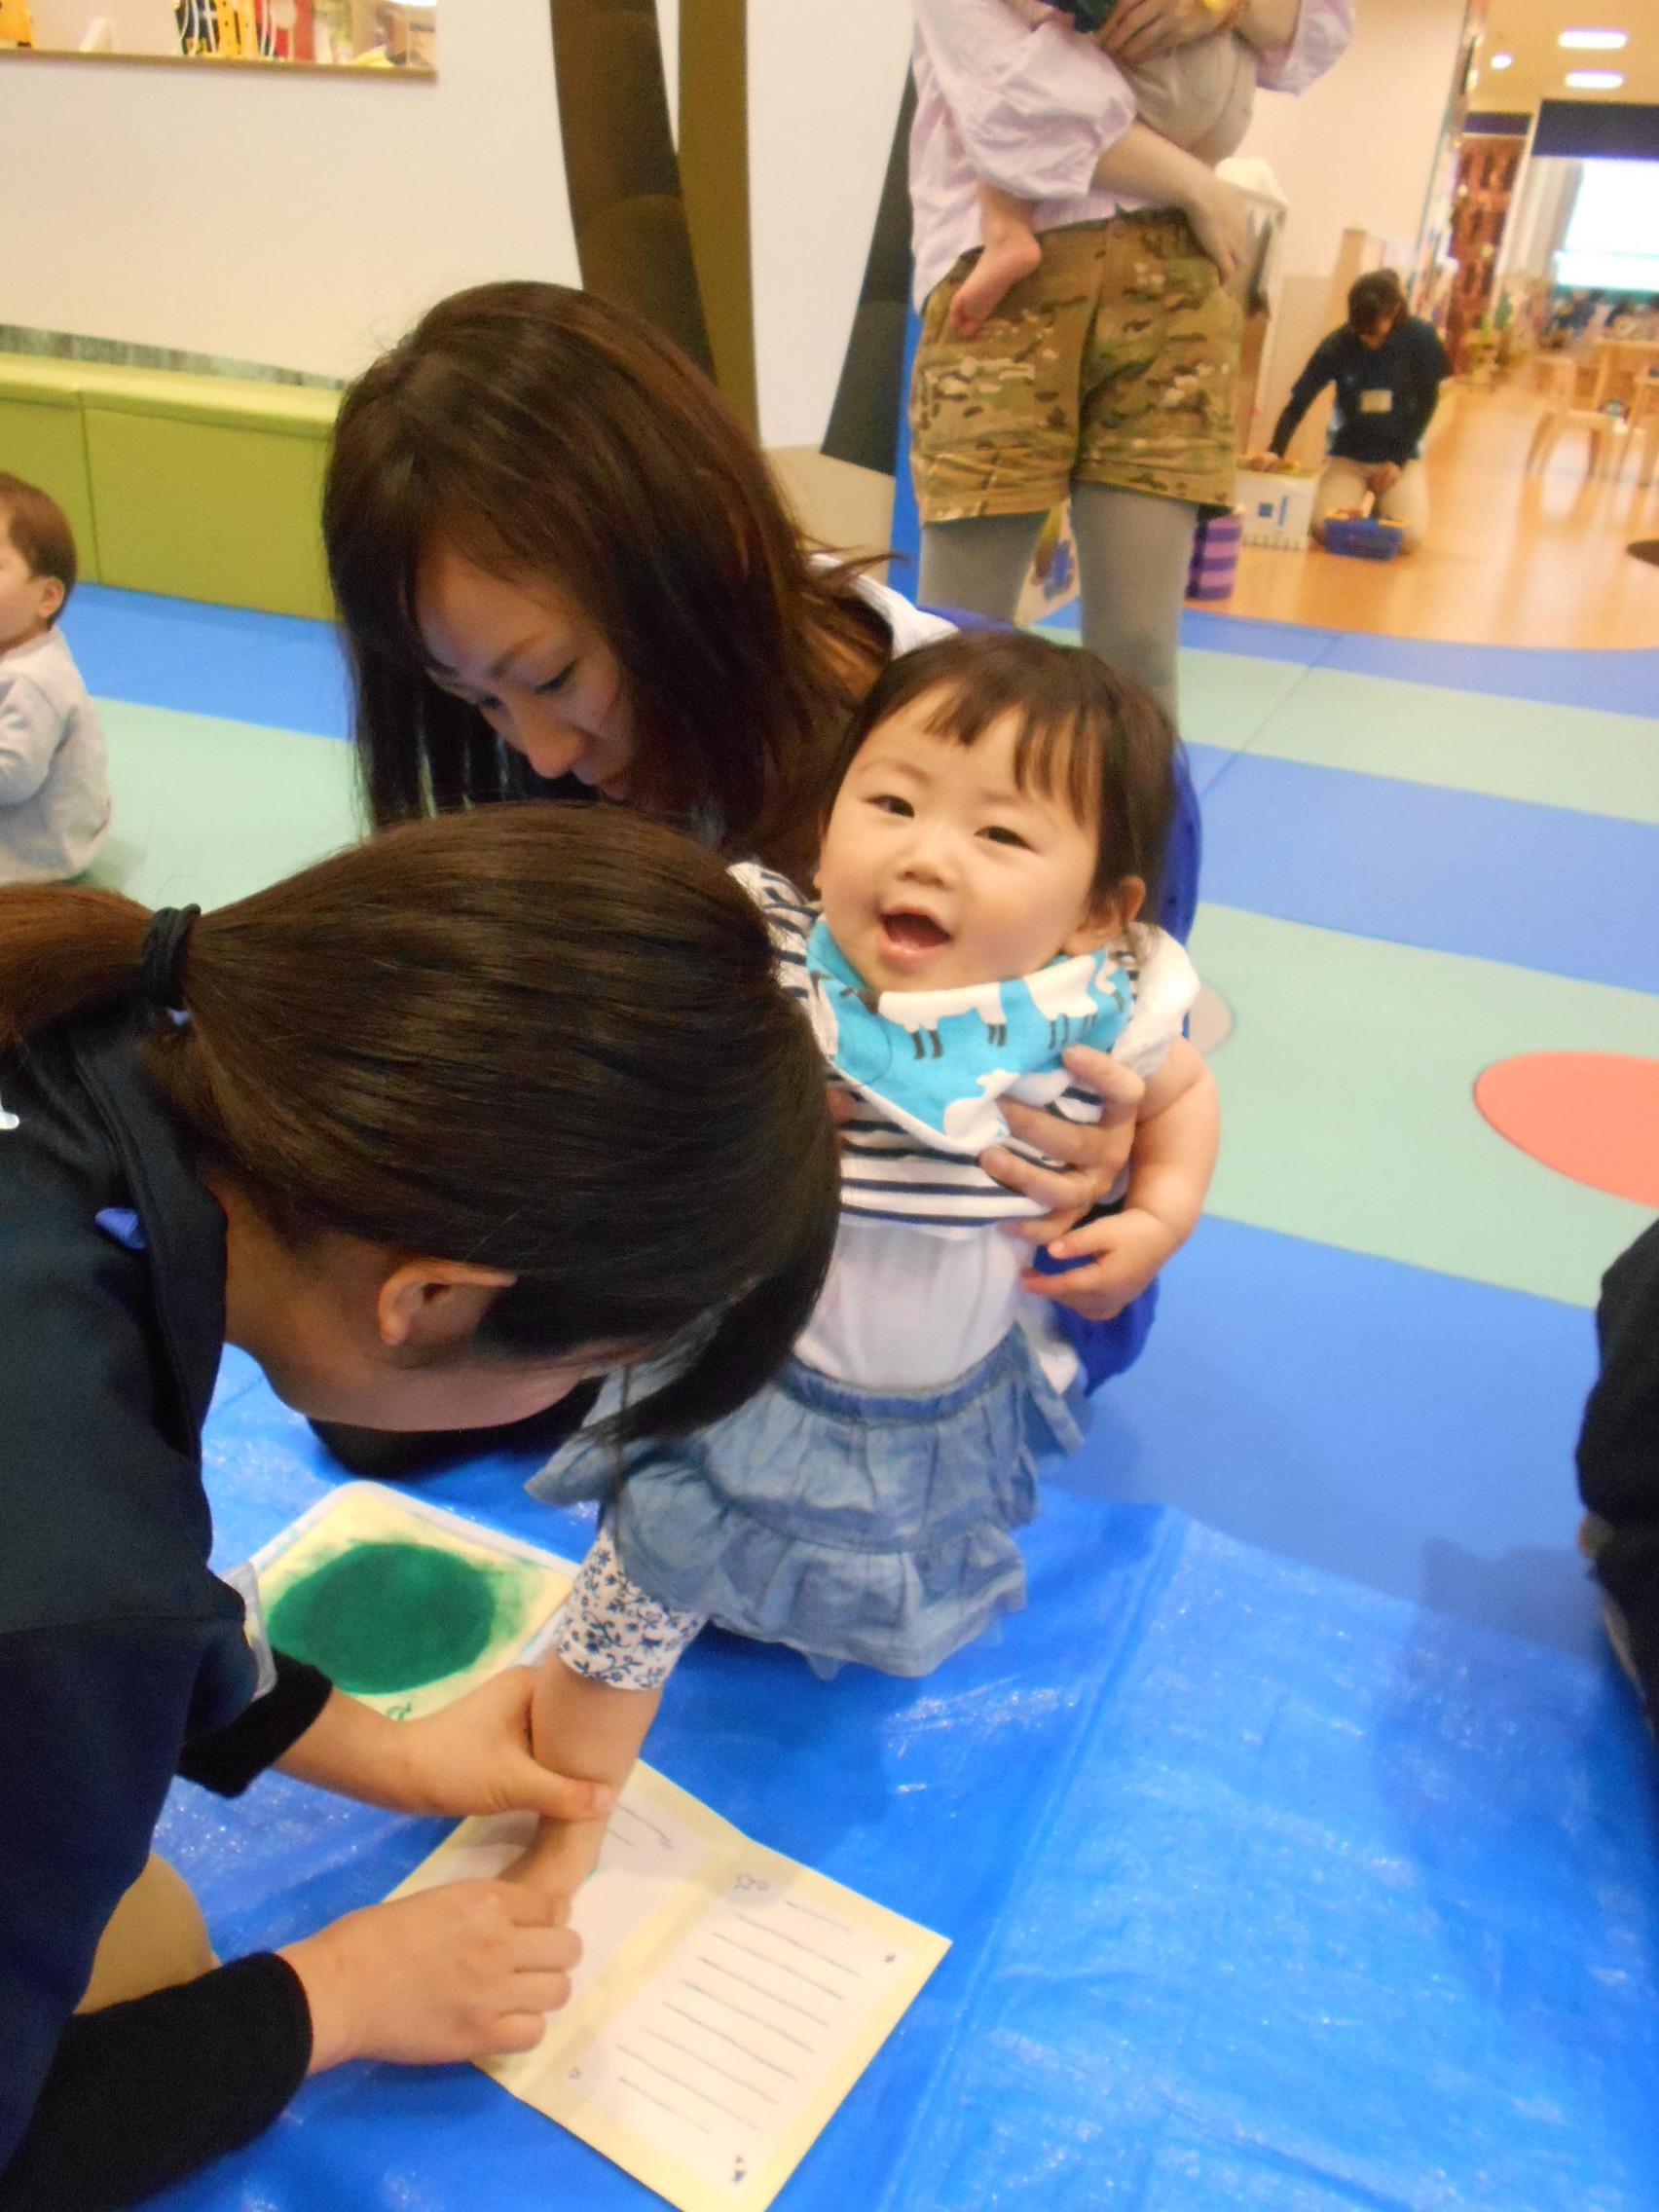 8月25日の赤ちゃんの日イベント開催のお知らせ